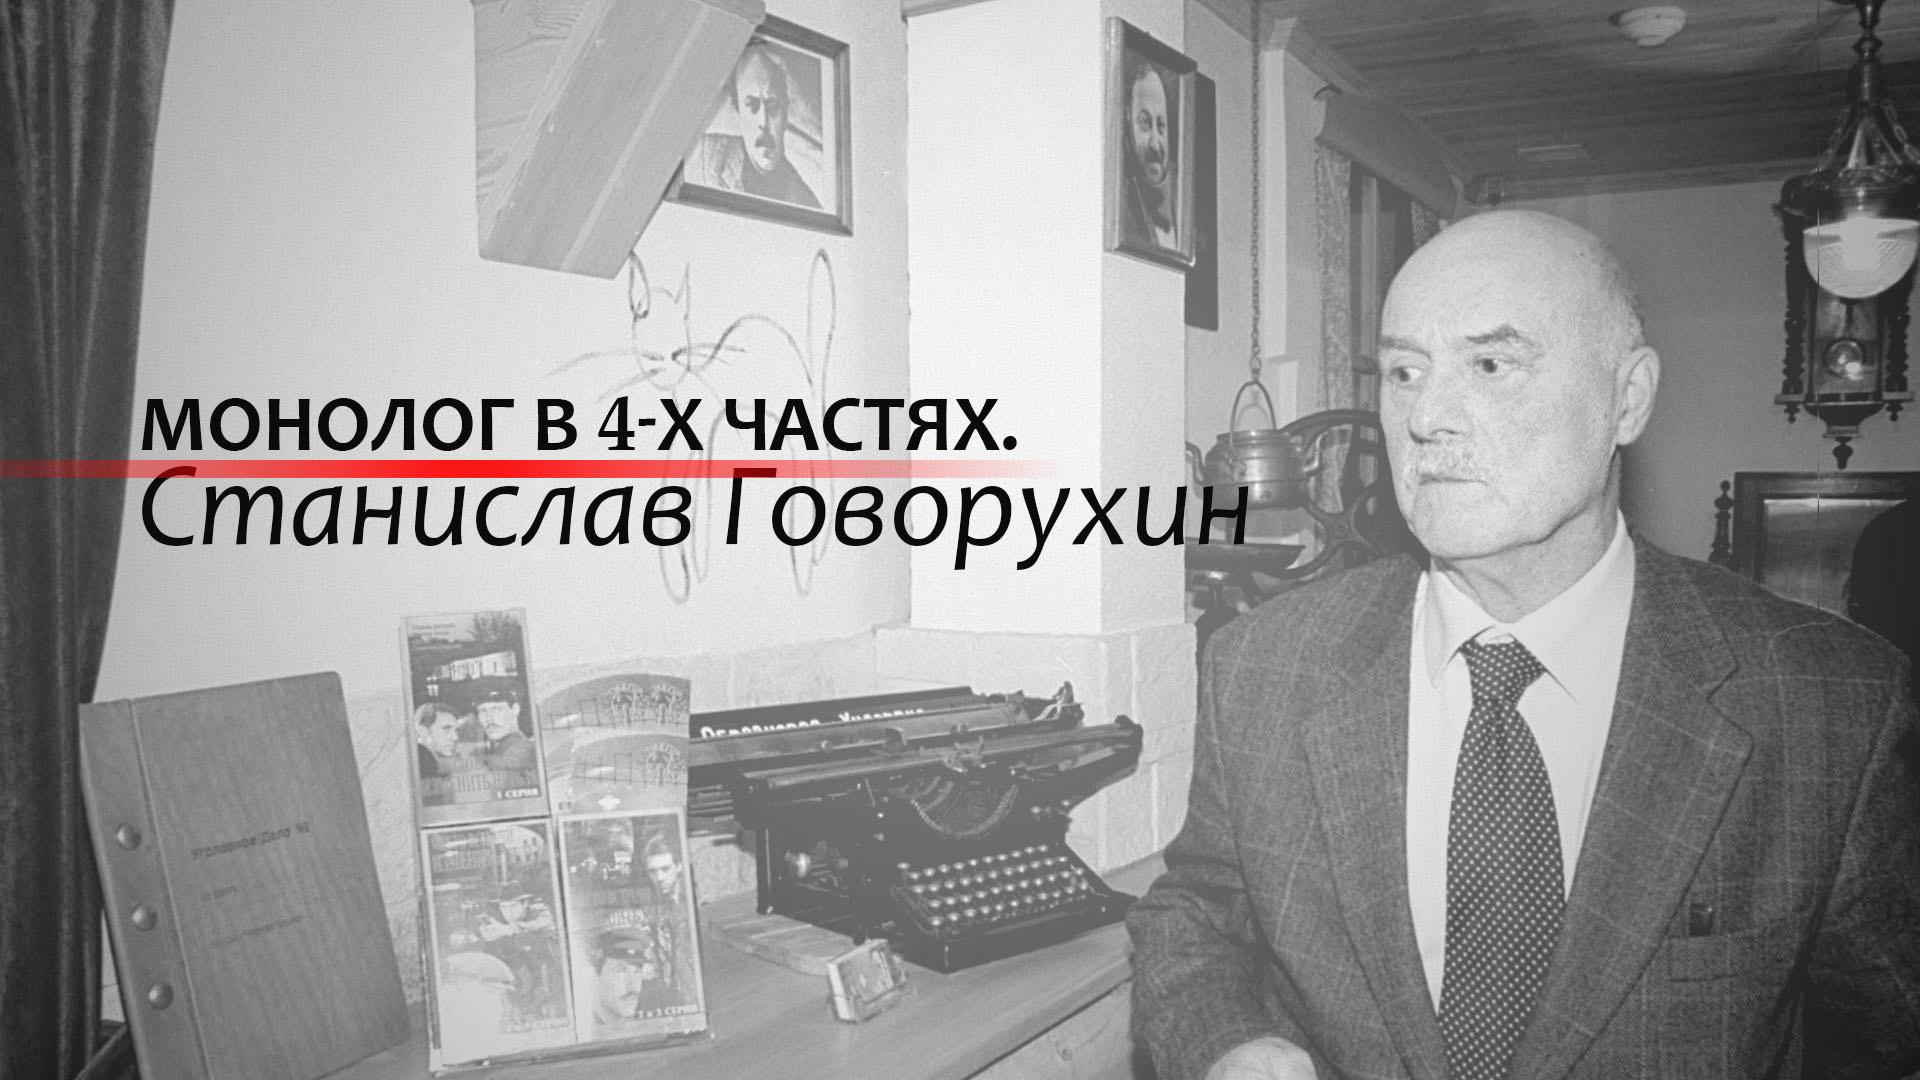 Монолог в 4-х частях. Станислав Говорухин